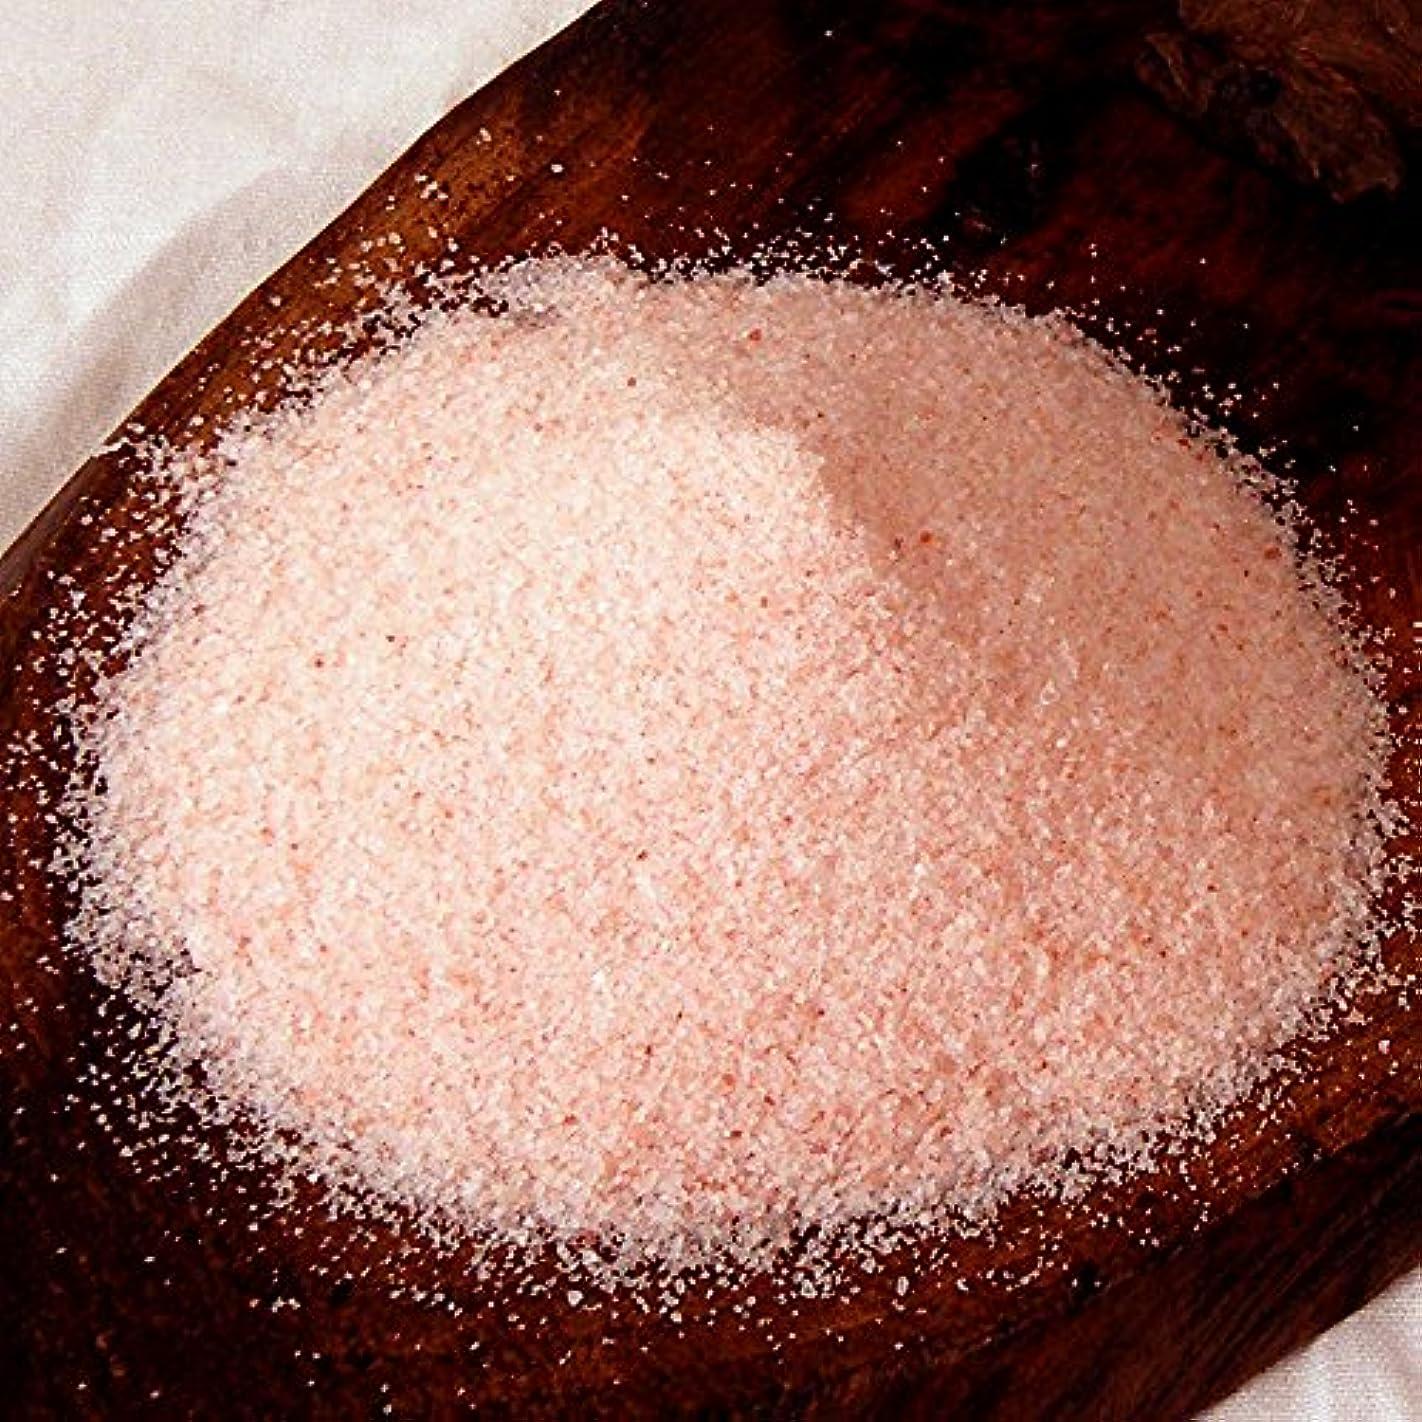 修正水分楽観ヒマラヤ岩塩 バスソルト ローズソルト 溶けやすい細粒タイプ 5kg 塩洗顔にも 【保管に便利な1kg×5パック】